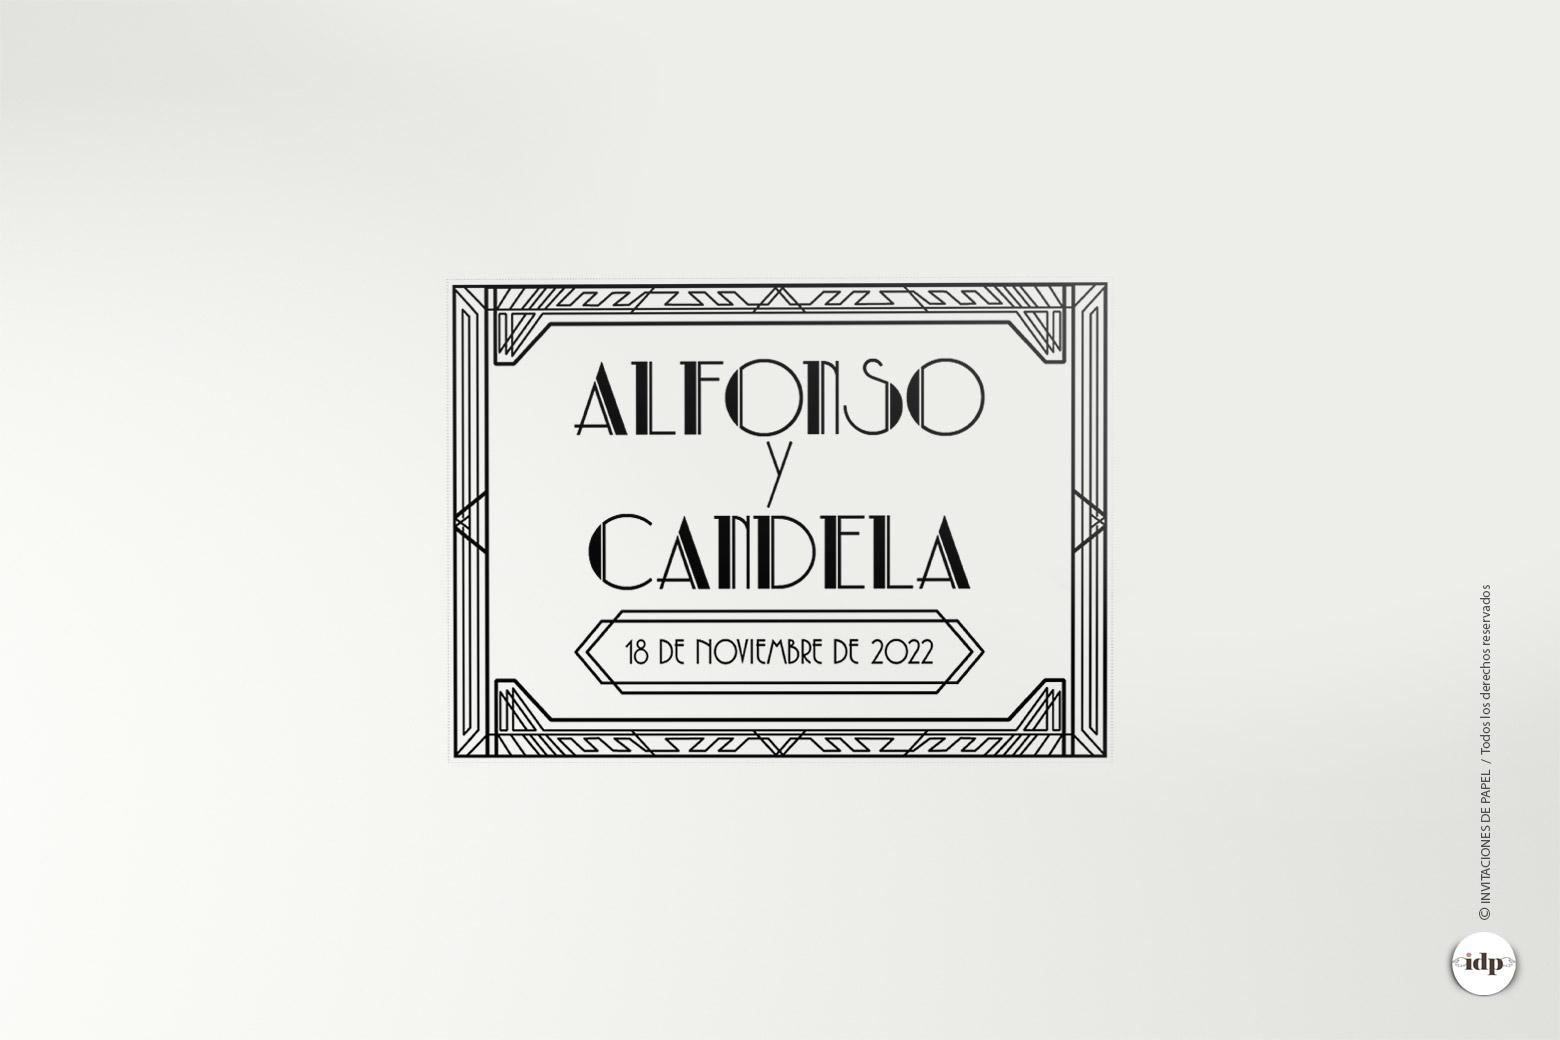 Sello de Boda Vintage Años 20 - gatsby rectangular